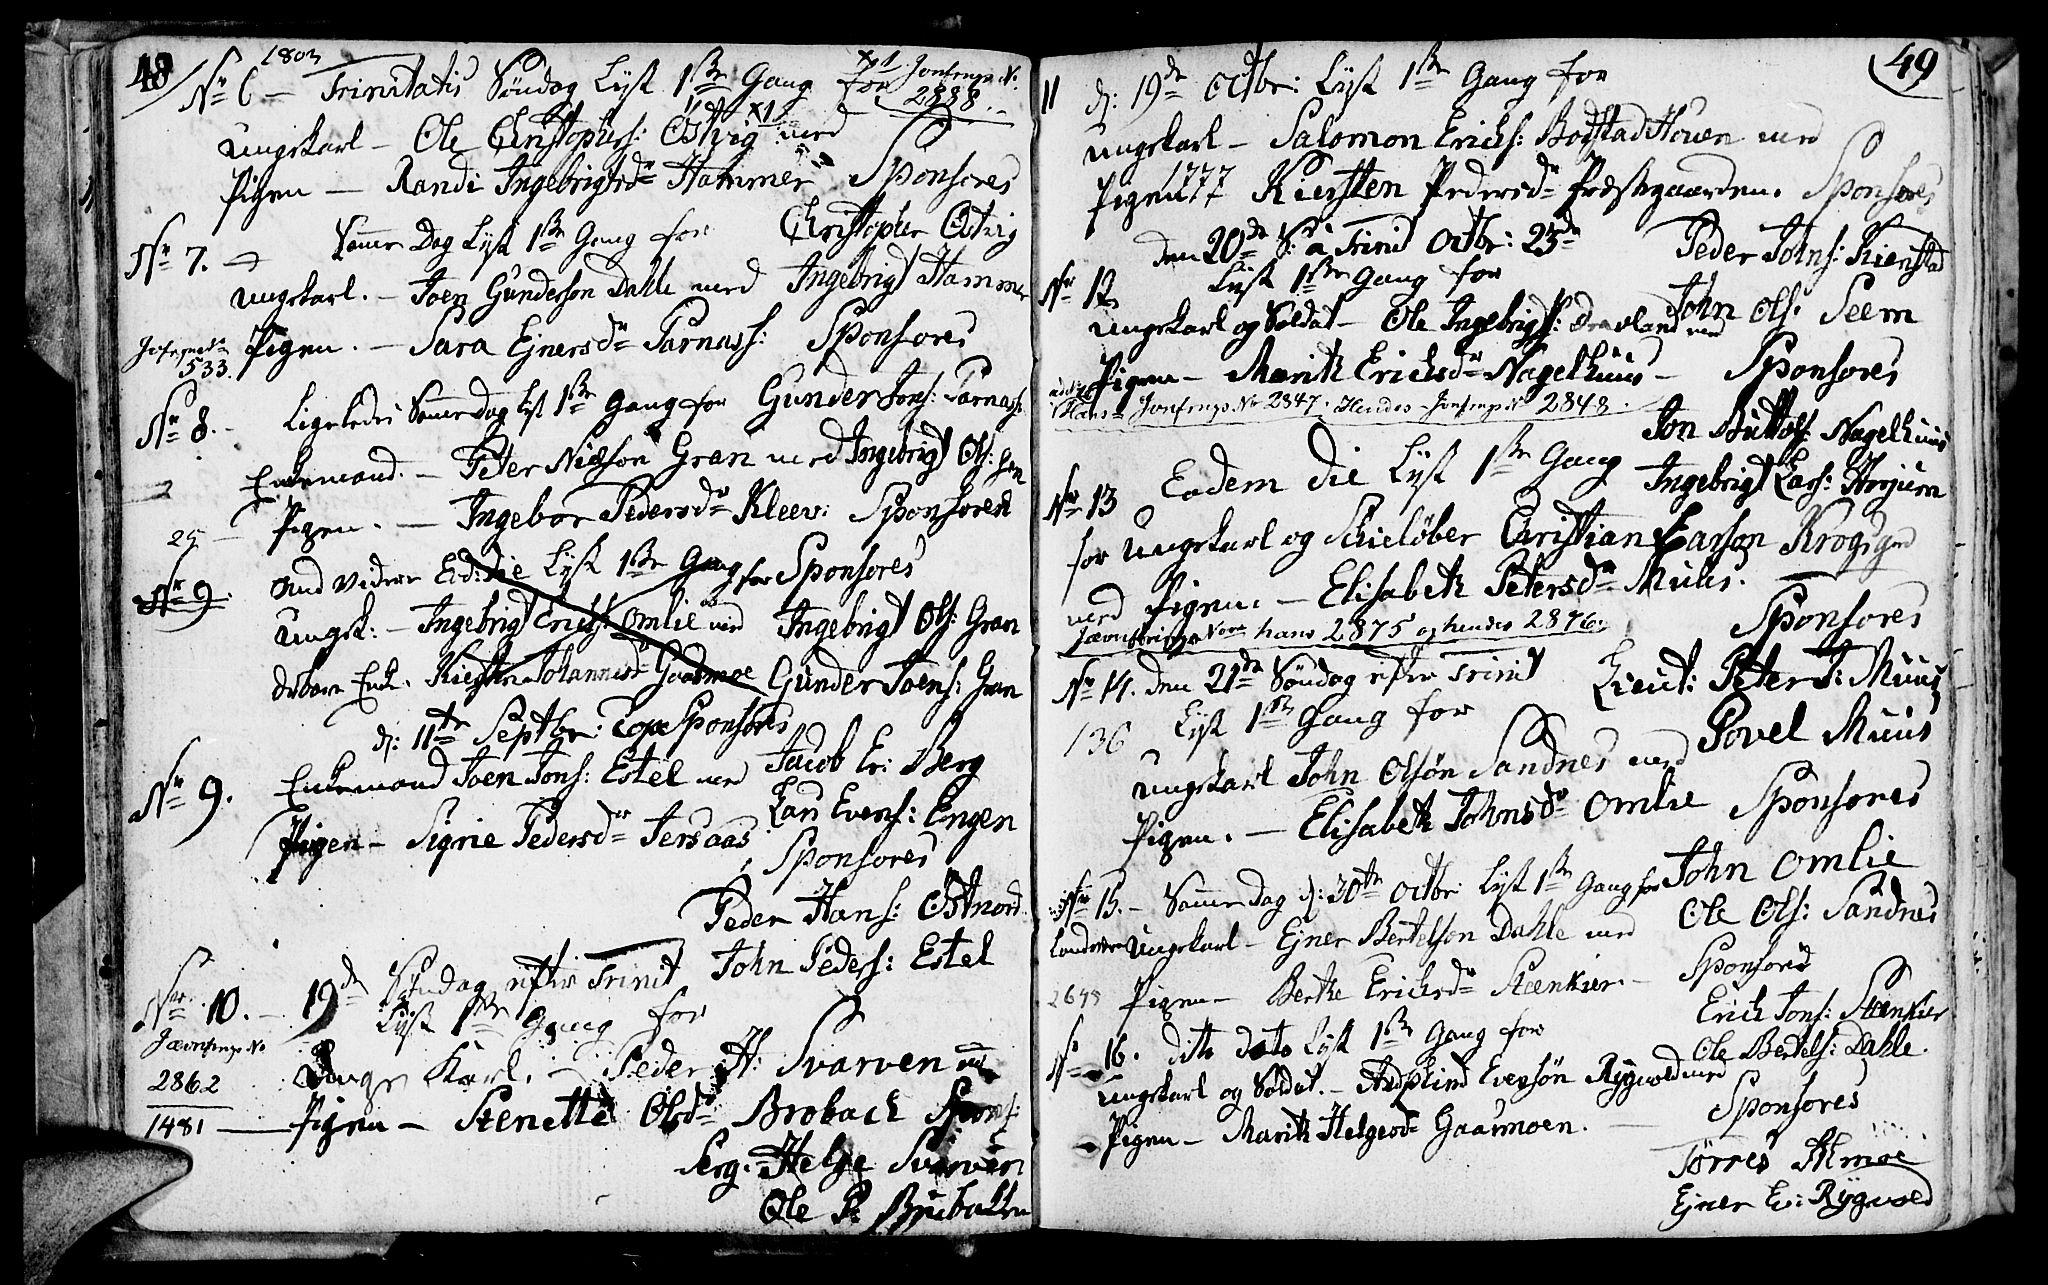 SAT, Ministerialprotokoller, klokkerbøker og fødselsregistre - Nord-Trøndelag, 749/L0468: Ministerialbok nr. 749A02, 1787-1817, s. 48-49